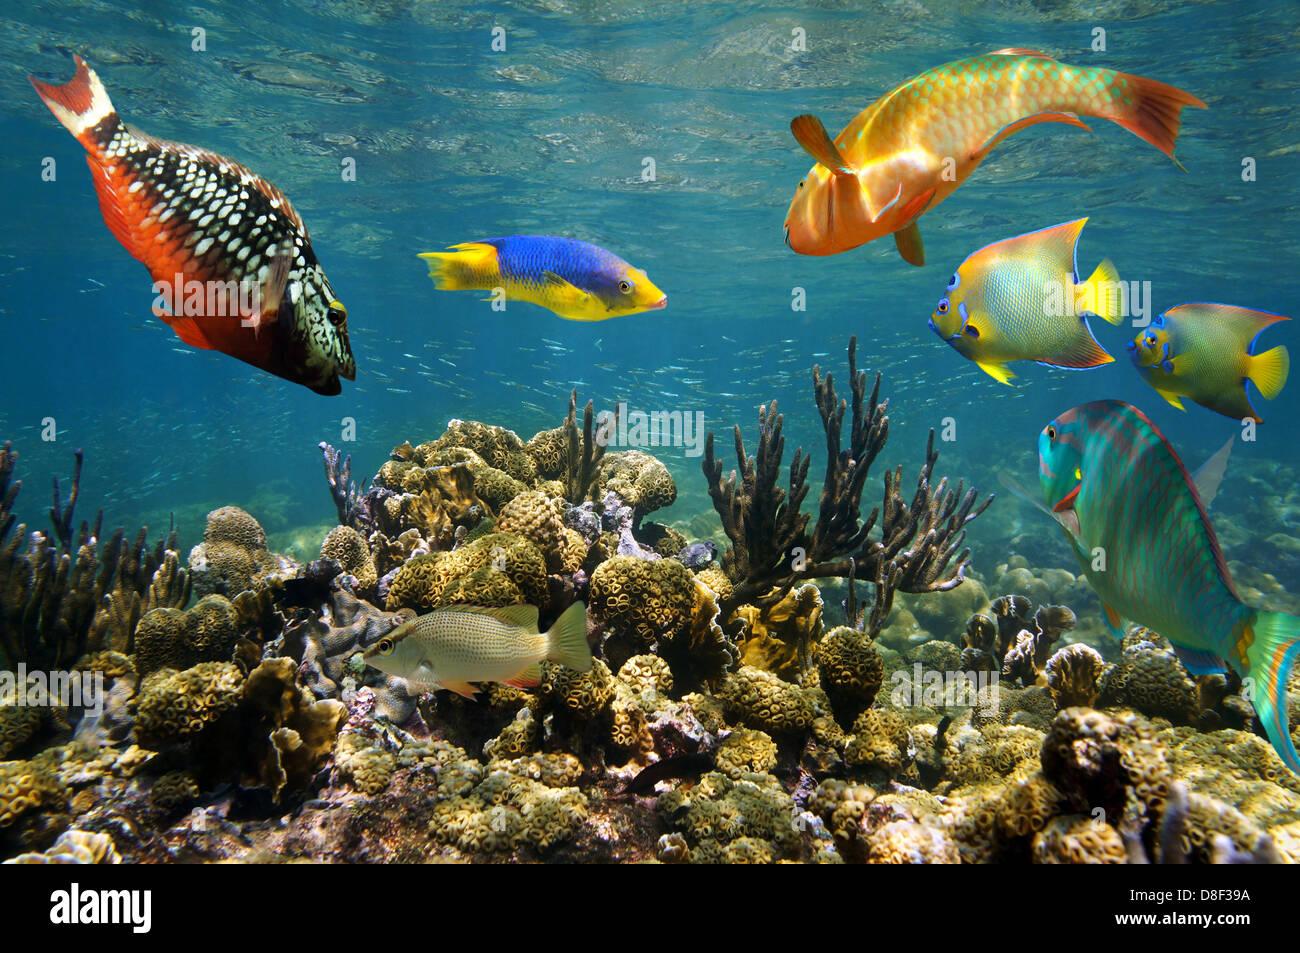 Una sana barriera corallina con pesci colorati appena sotto la superficie dell'acqua, il mare dei Caraibi Immagini Stock